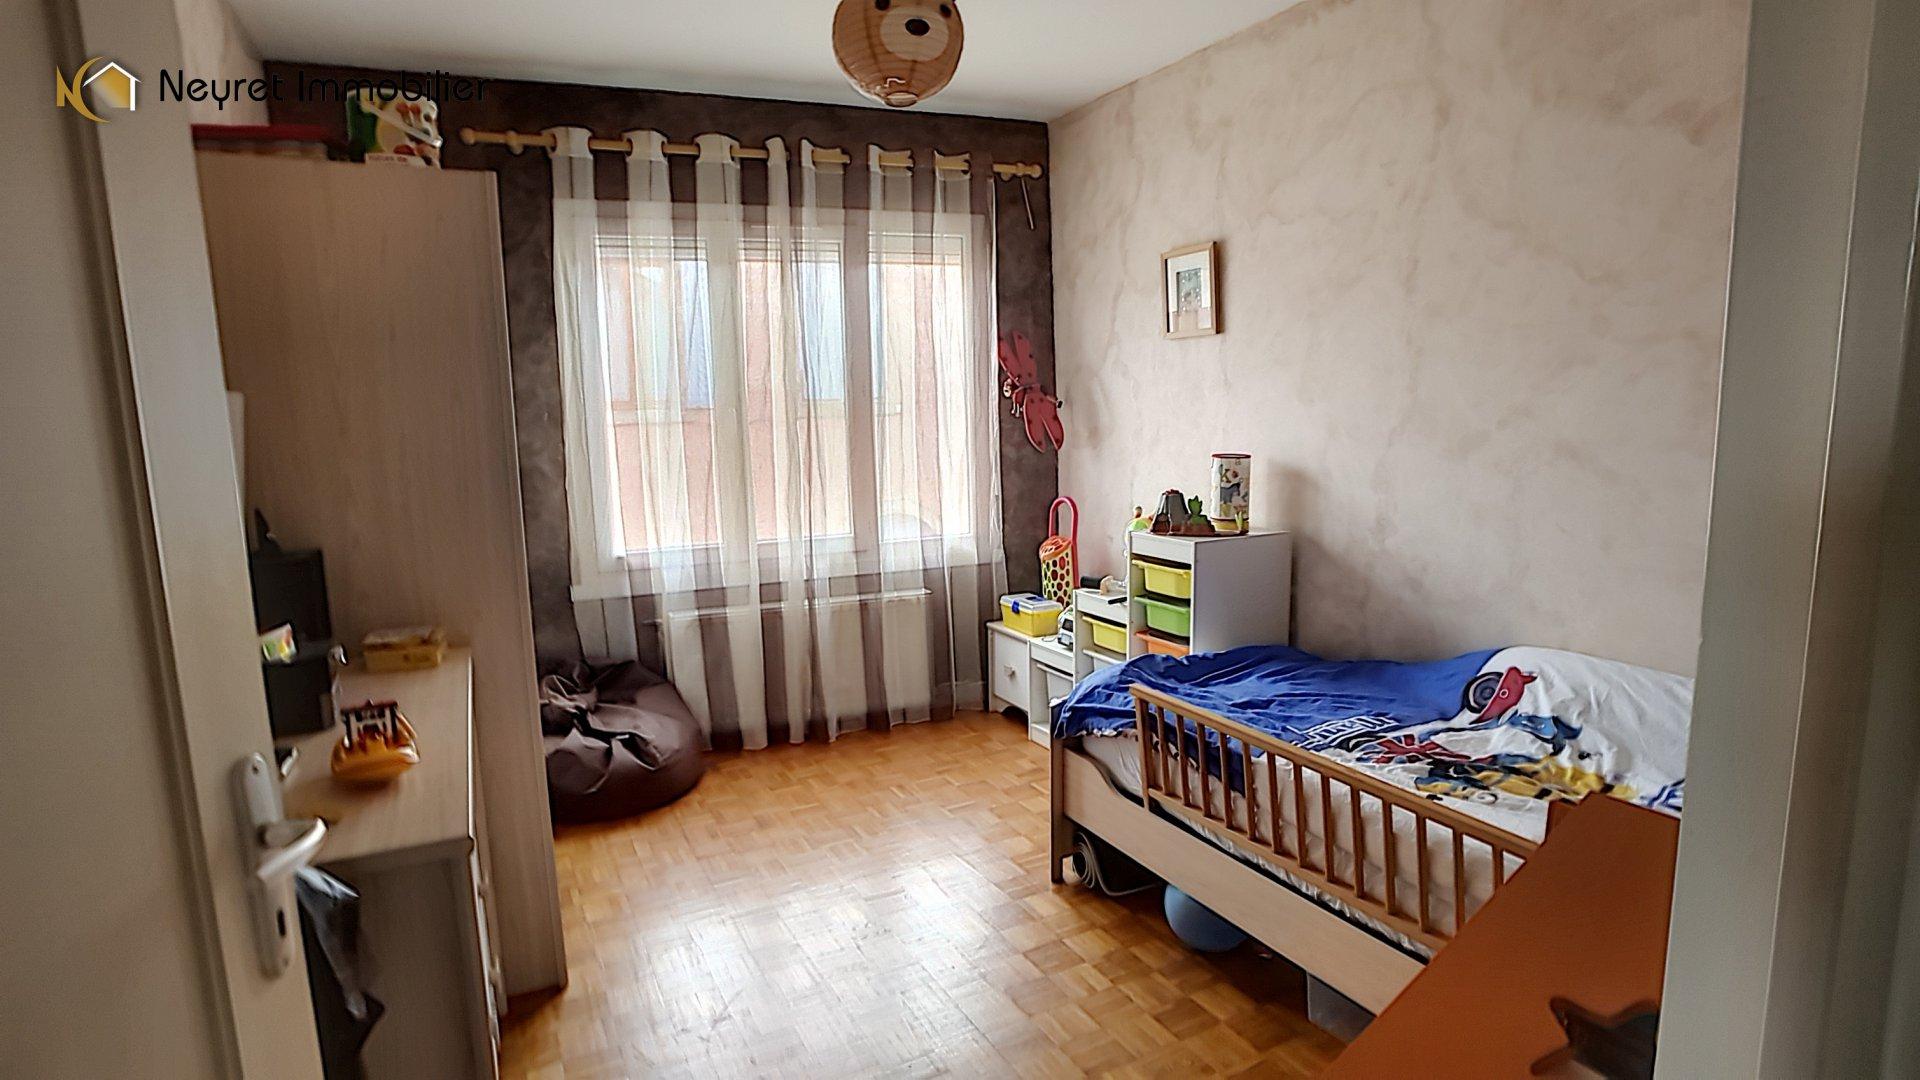 Maison de village - 3 Chambres - GRIGNY